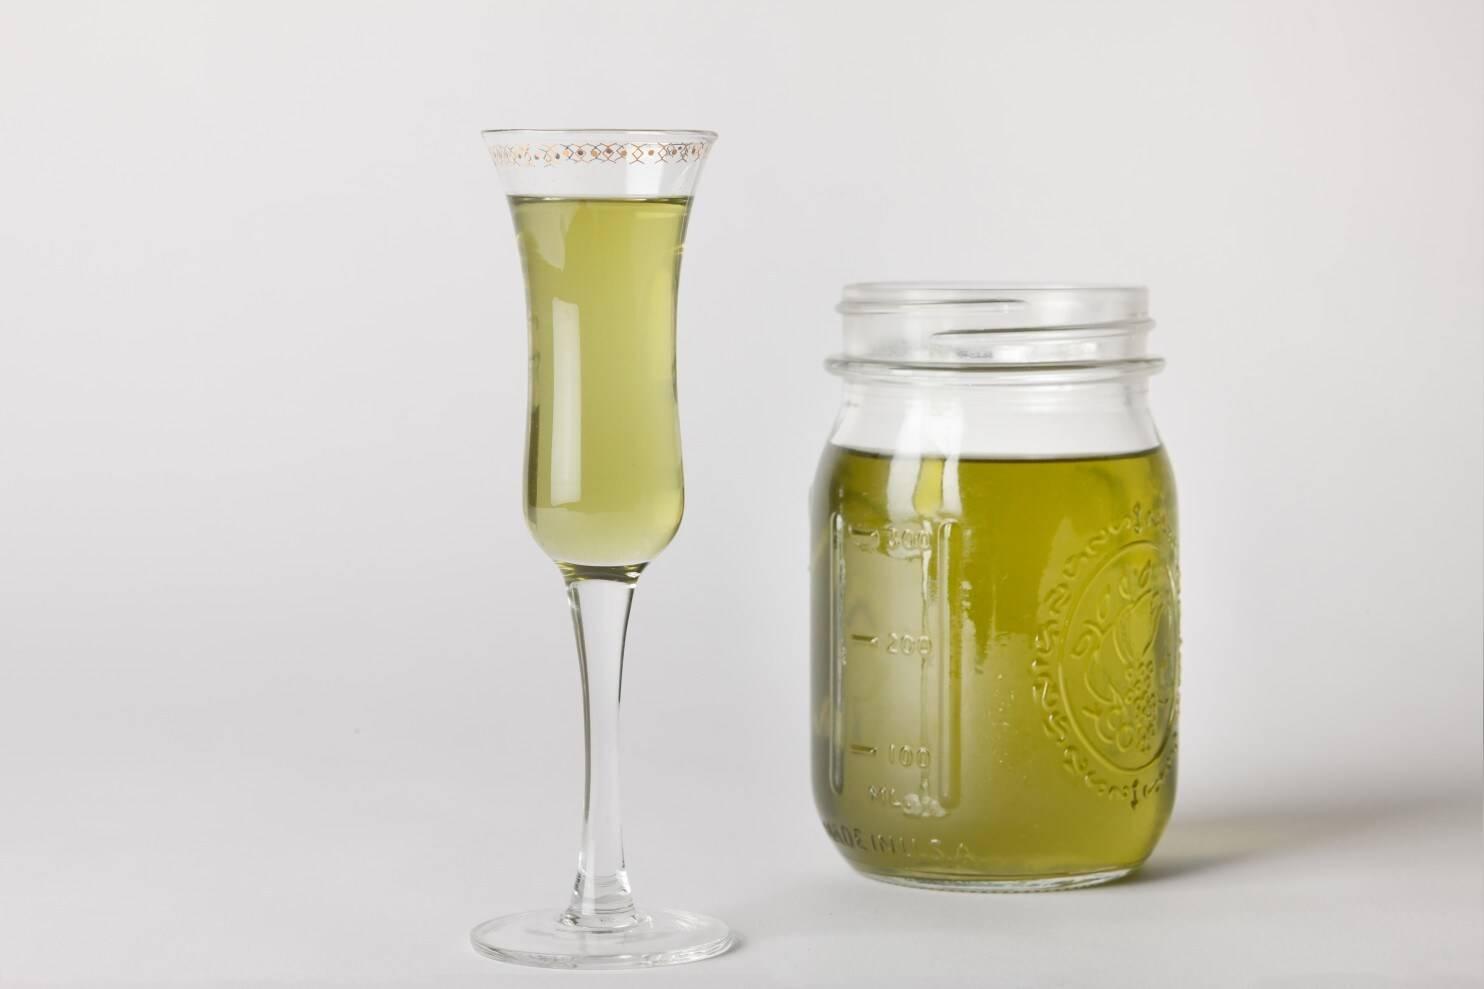 Травяной ликер шартрез (chartreuse) — французский экстракт долголетия. ликер шартрез: с пользой для здоровья